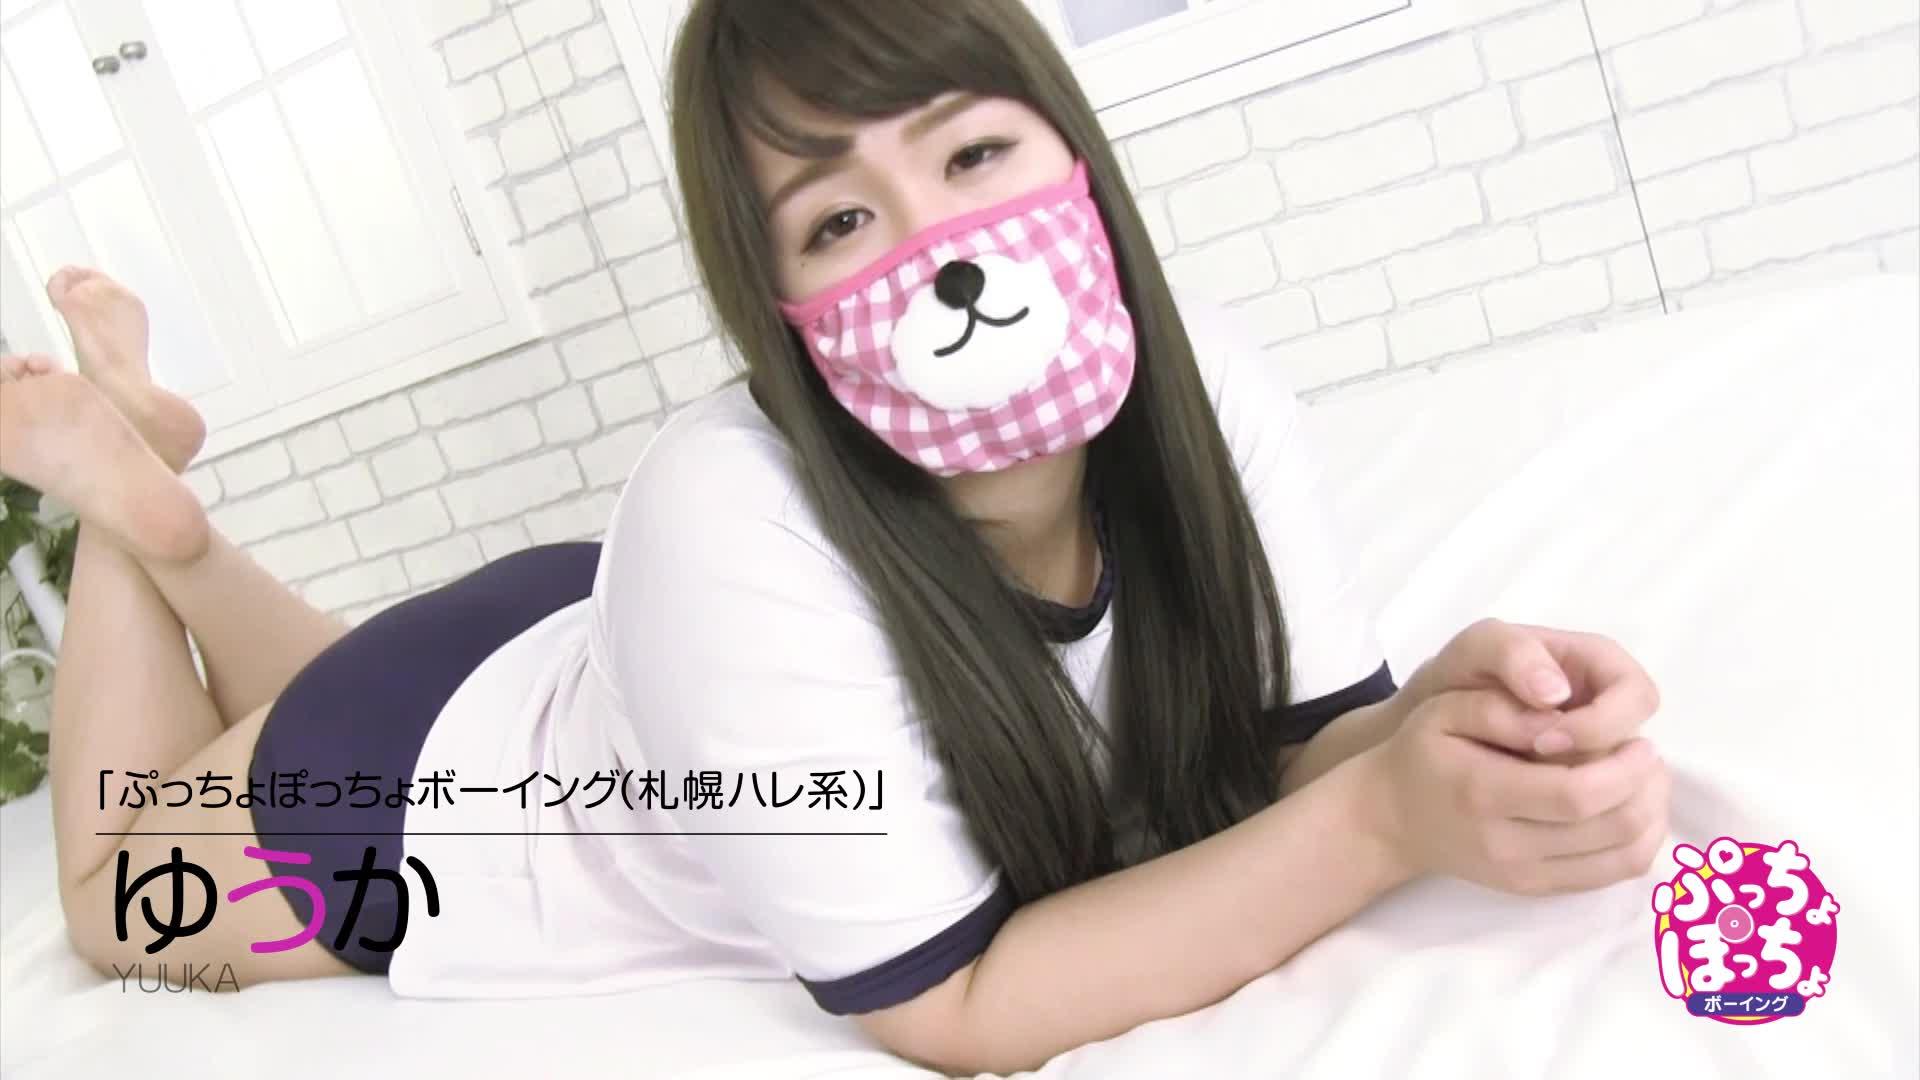 ぷっちょぽっちょボーイング(札幌ハレ系) 風俗動画